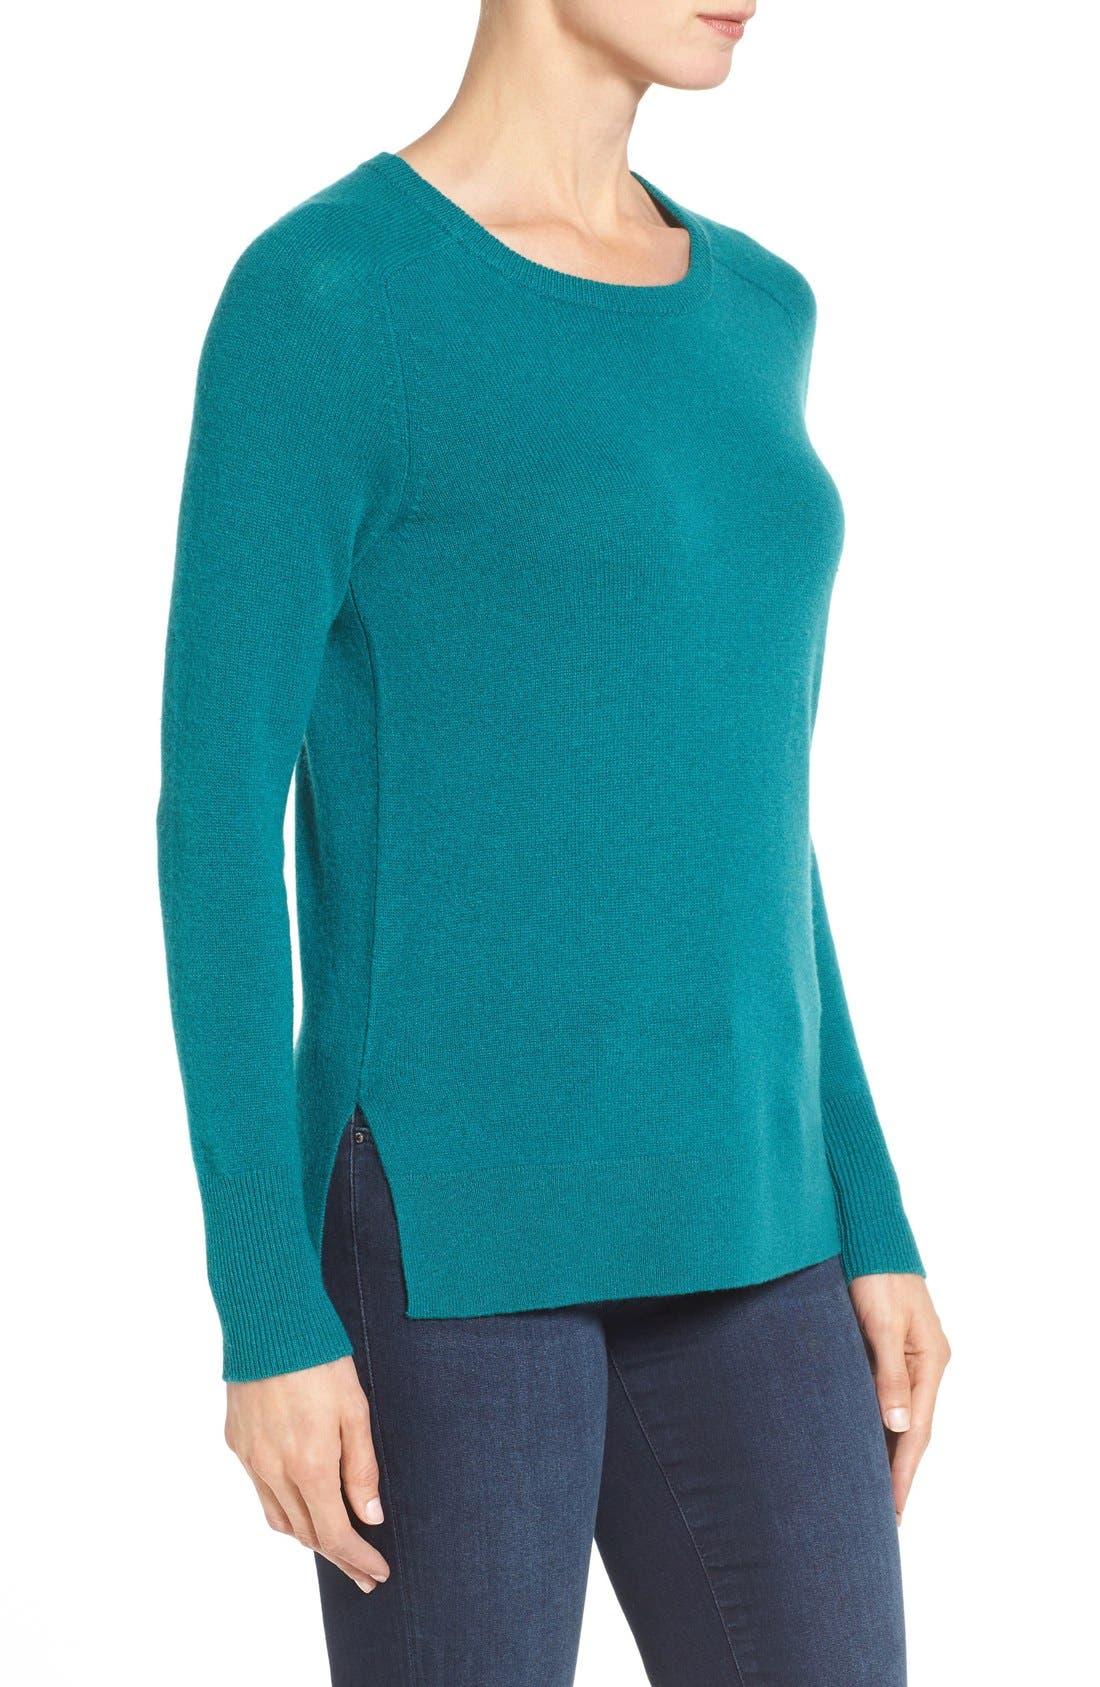 Alternate Image 3  - Halogen® Crewneck Lightweight Cashmere Sweater (Regular & Petite)